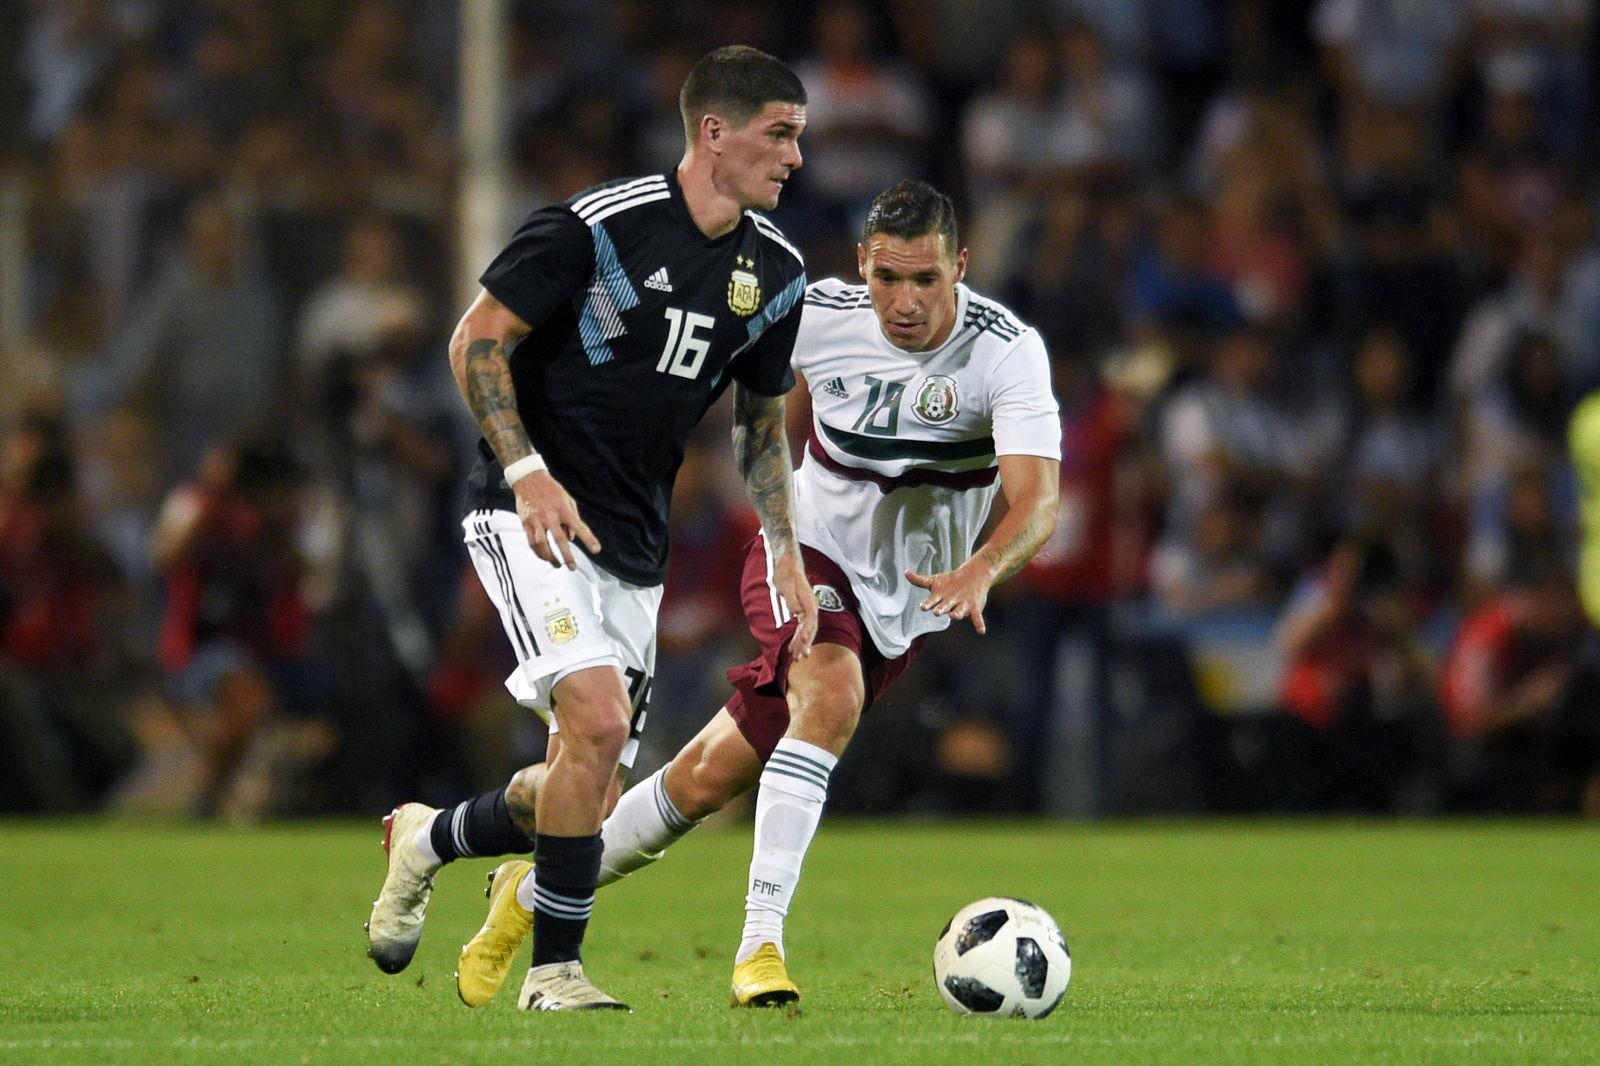 México cerró su último compromiso del internacional del año con la segunda derrota ante la selección albiceleste en el Estadio Malvinas Argentinas.